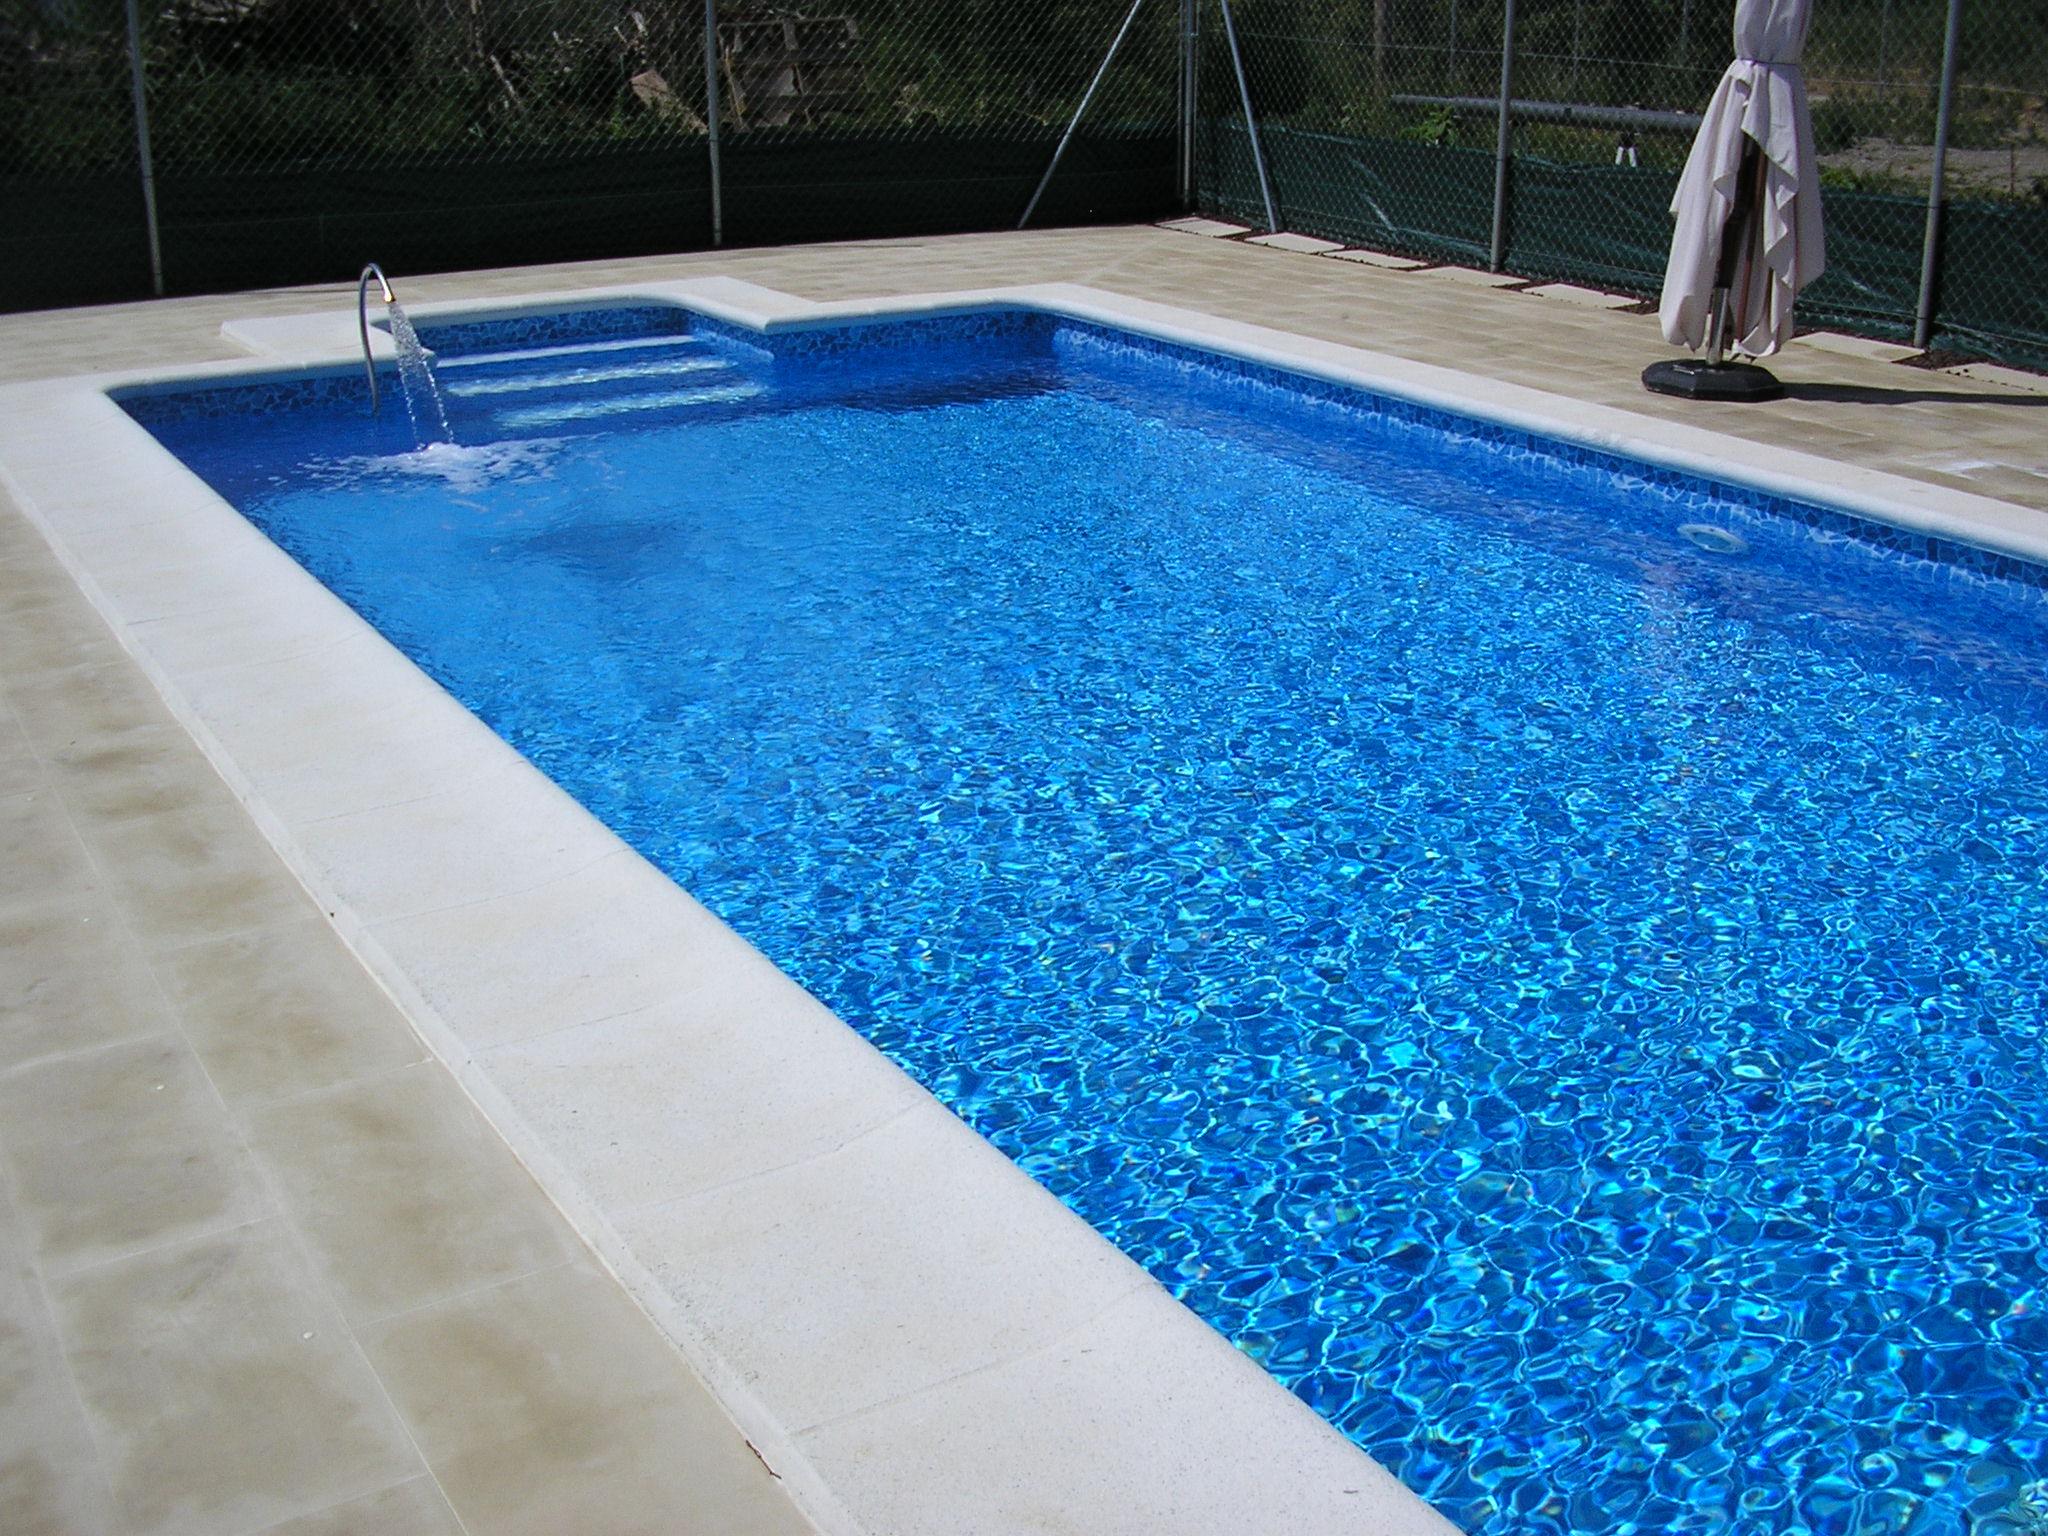 Montaje de piscinas decomarfer for Colocar gresite piscina